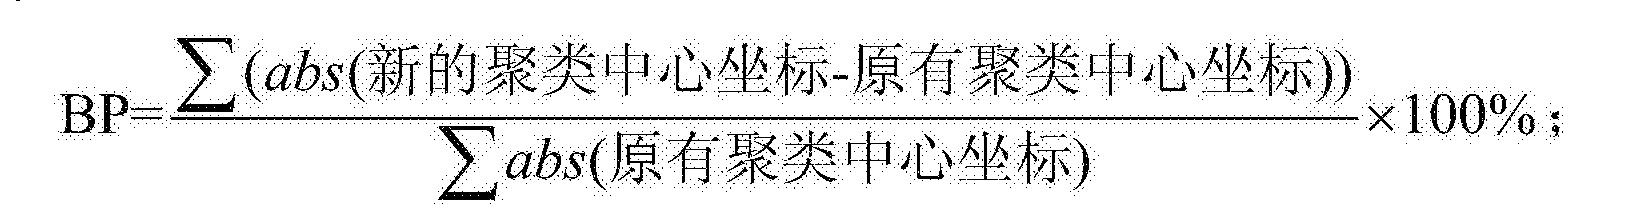 Figure CN103713217BD00074